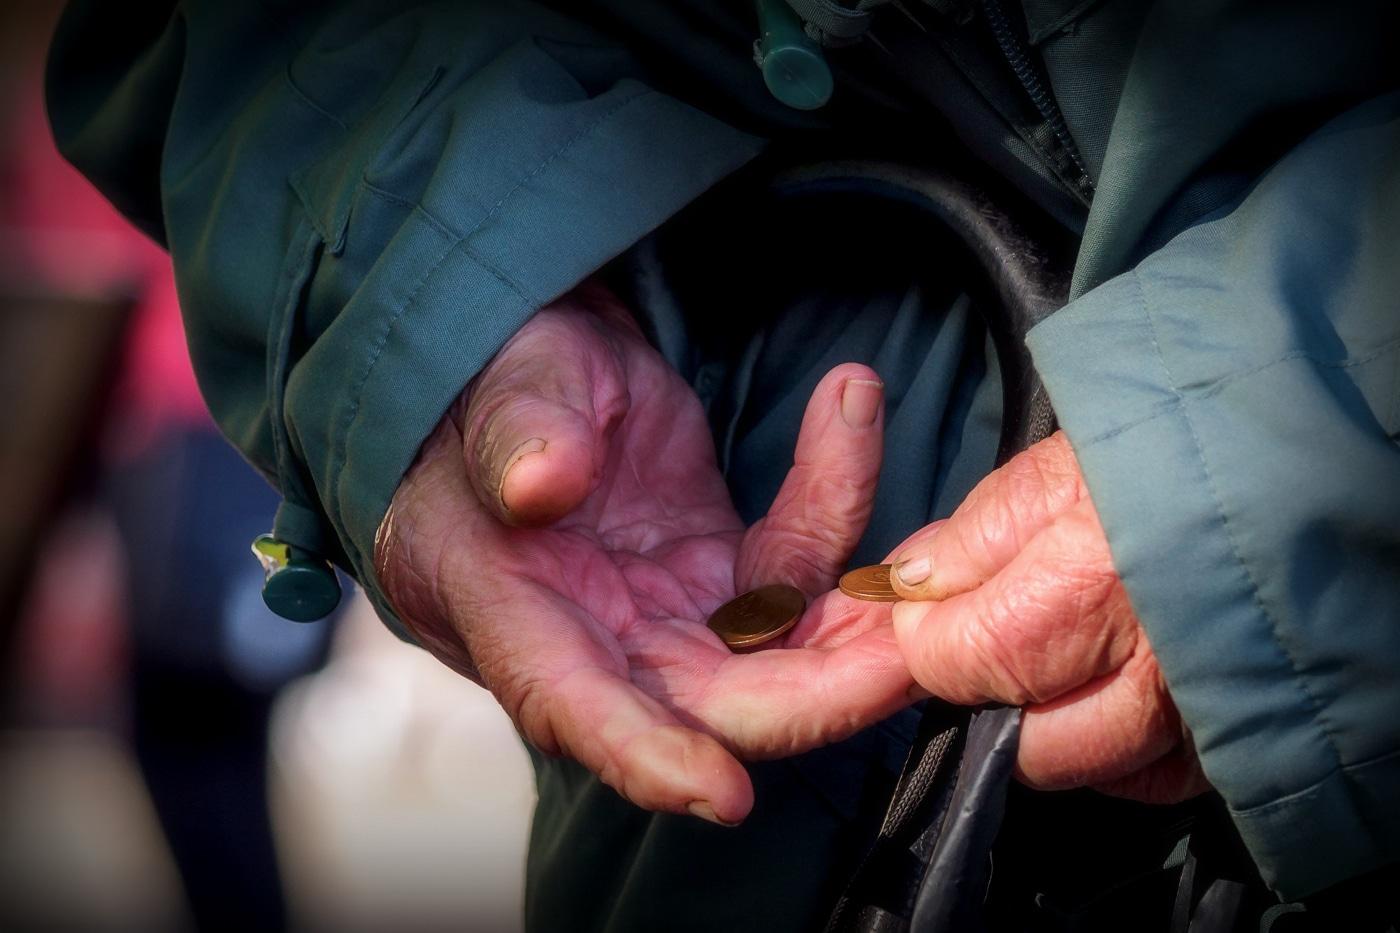 Госдума в очередной раз продлила «заморозку» накопительной пенсии. Объясняем, что это значит и почему это важно для всех